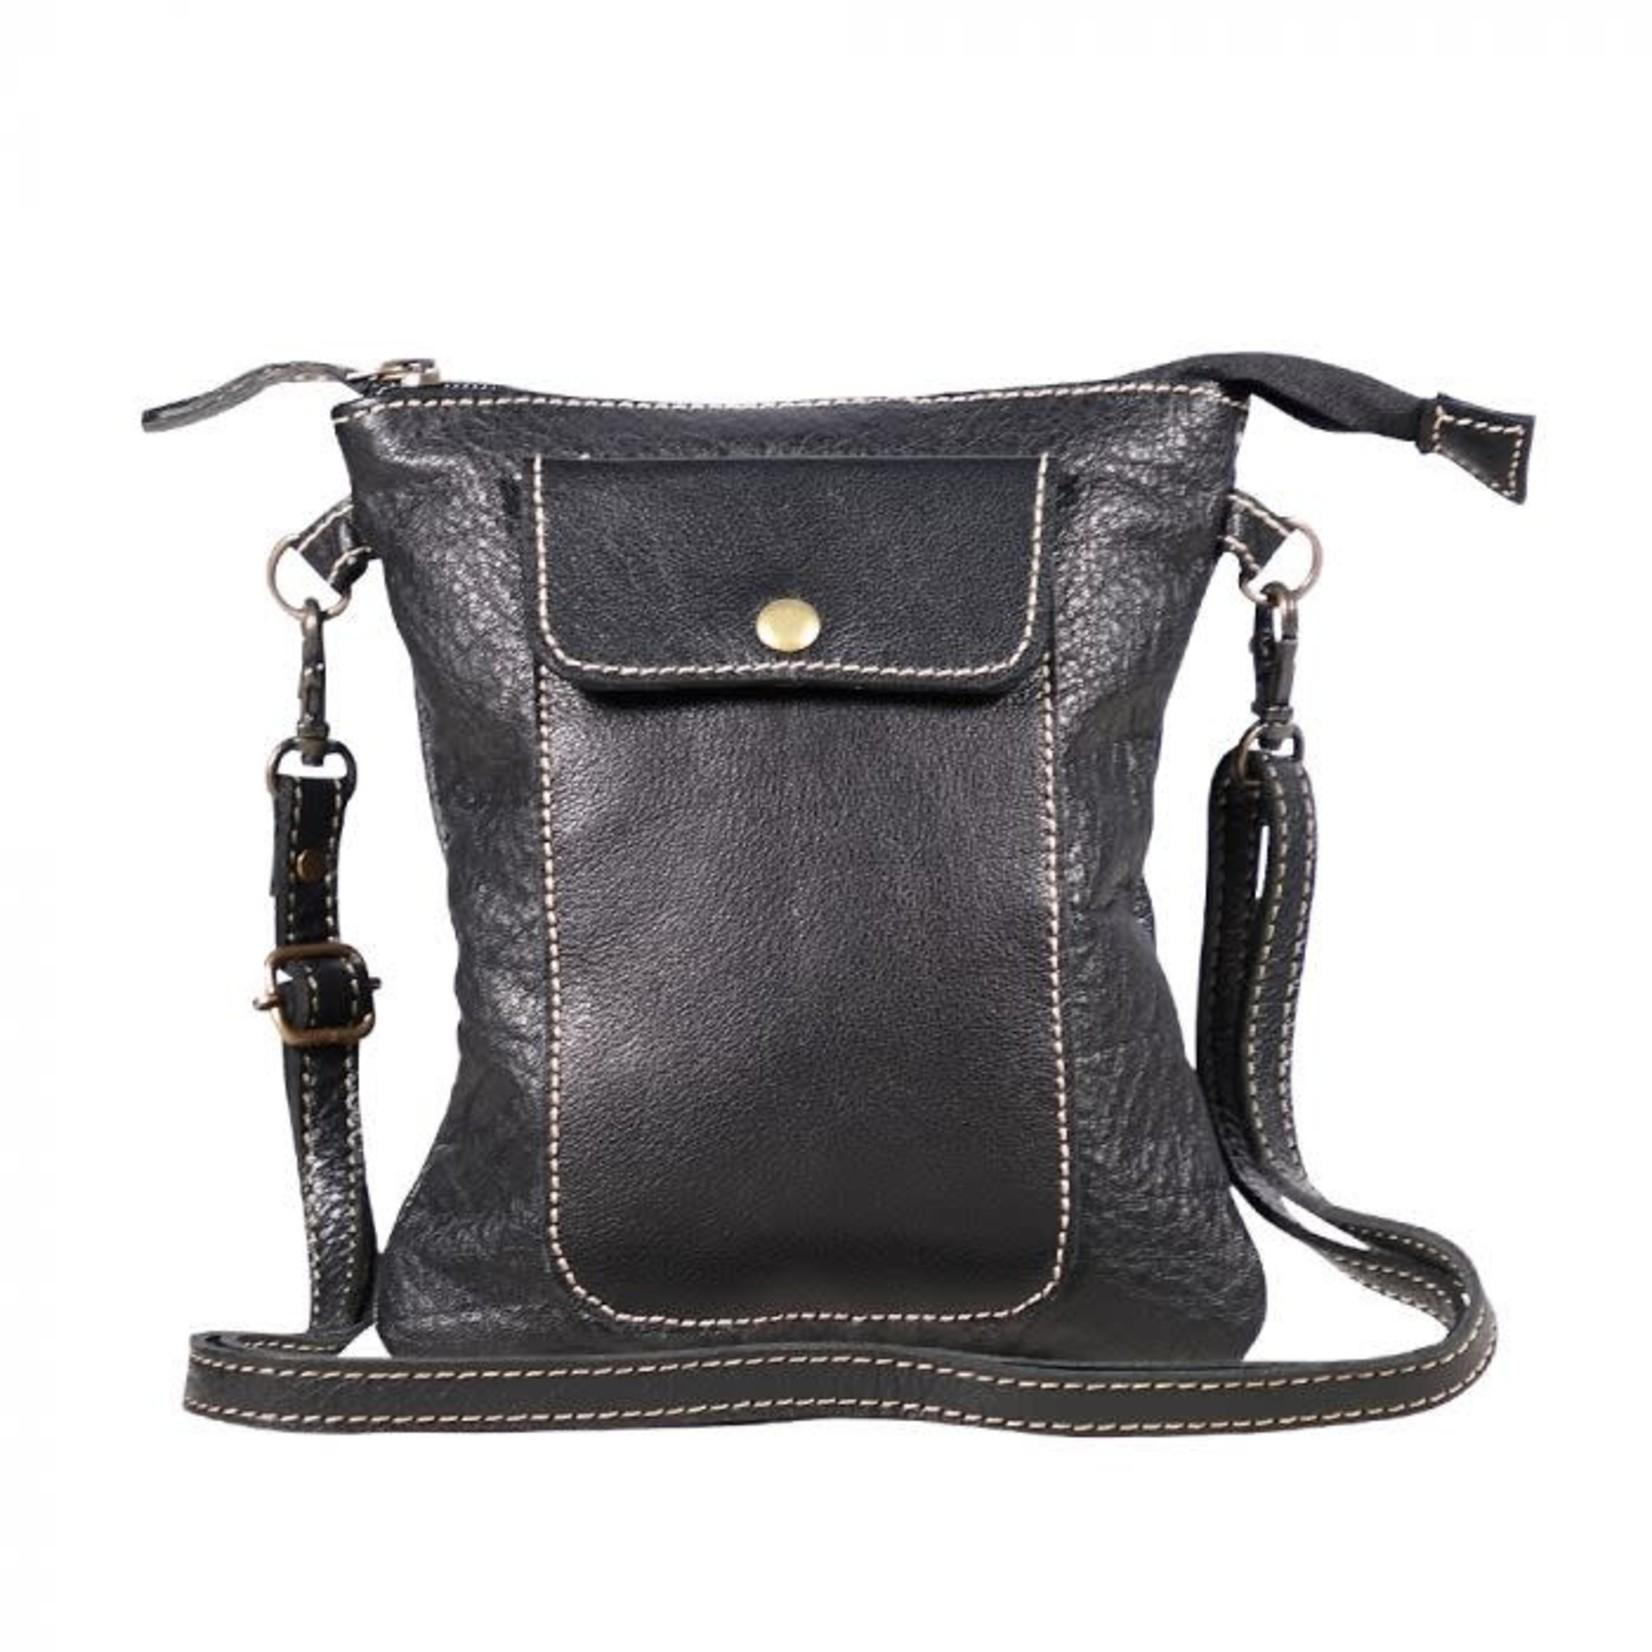 Myra Bag Gristly Charm Small Crossbody Bag